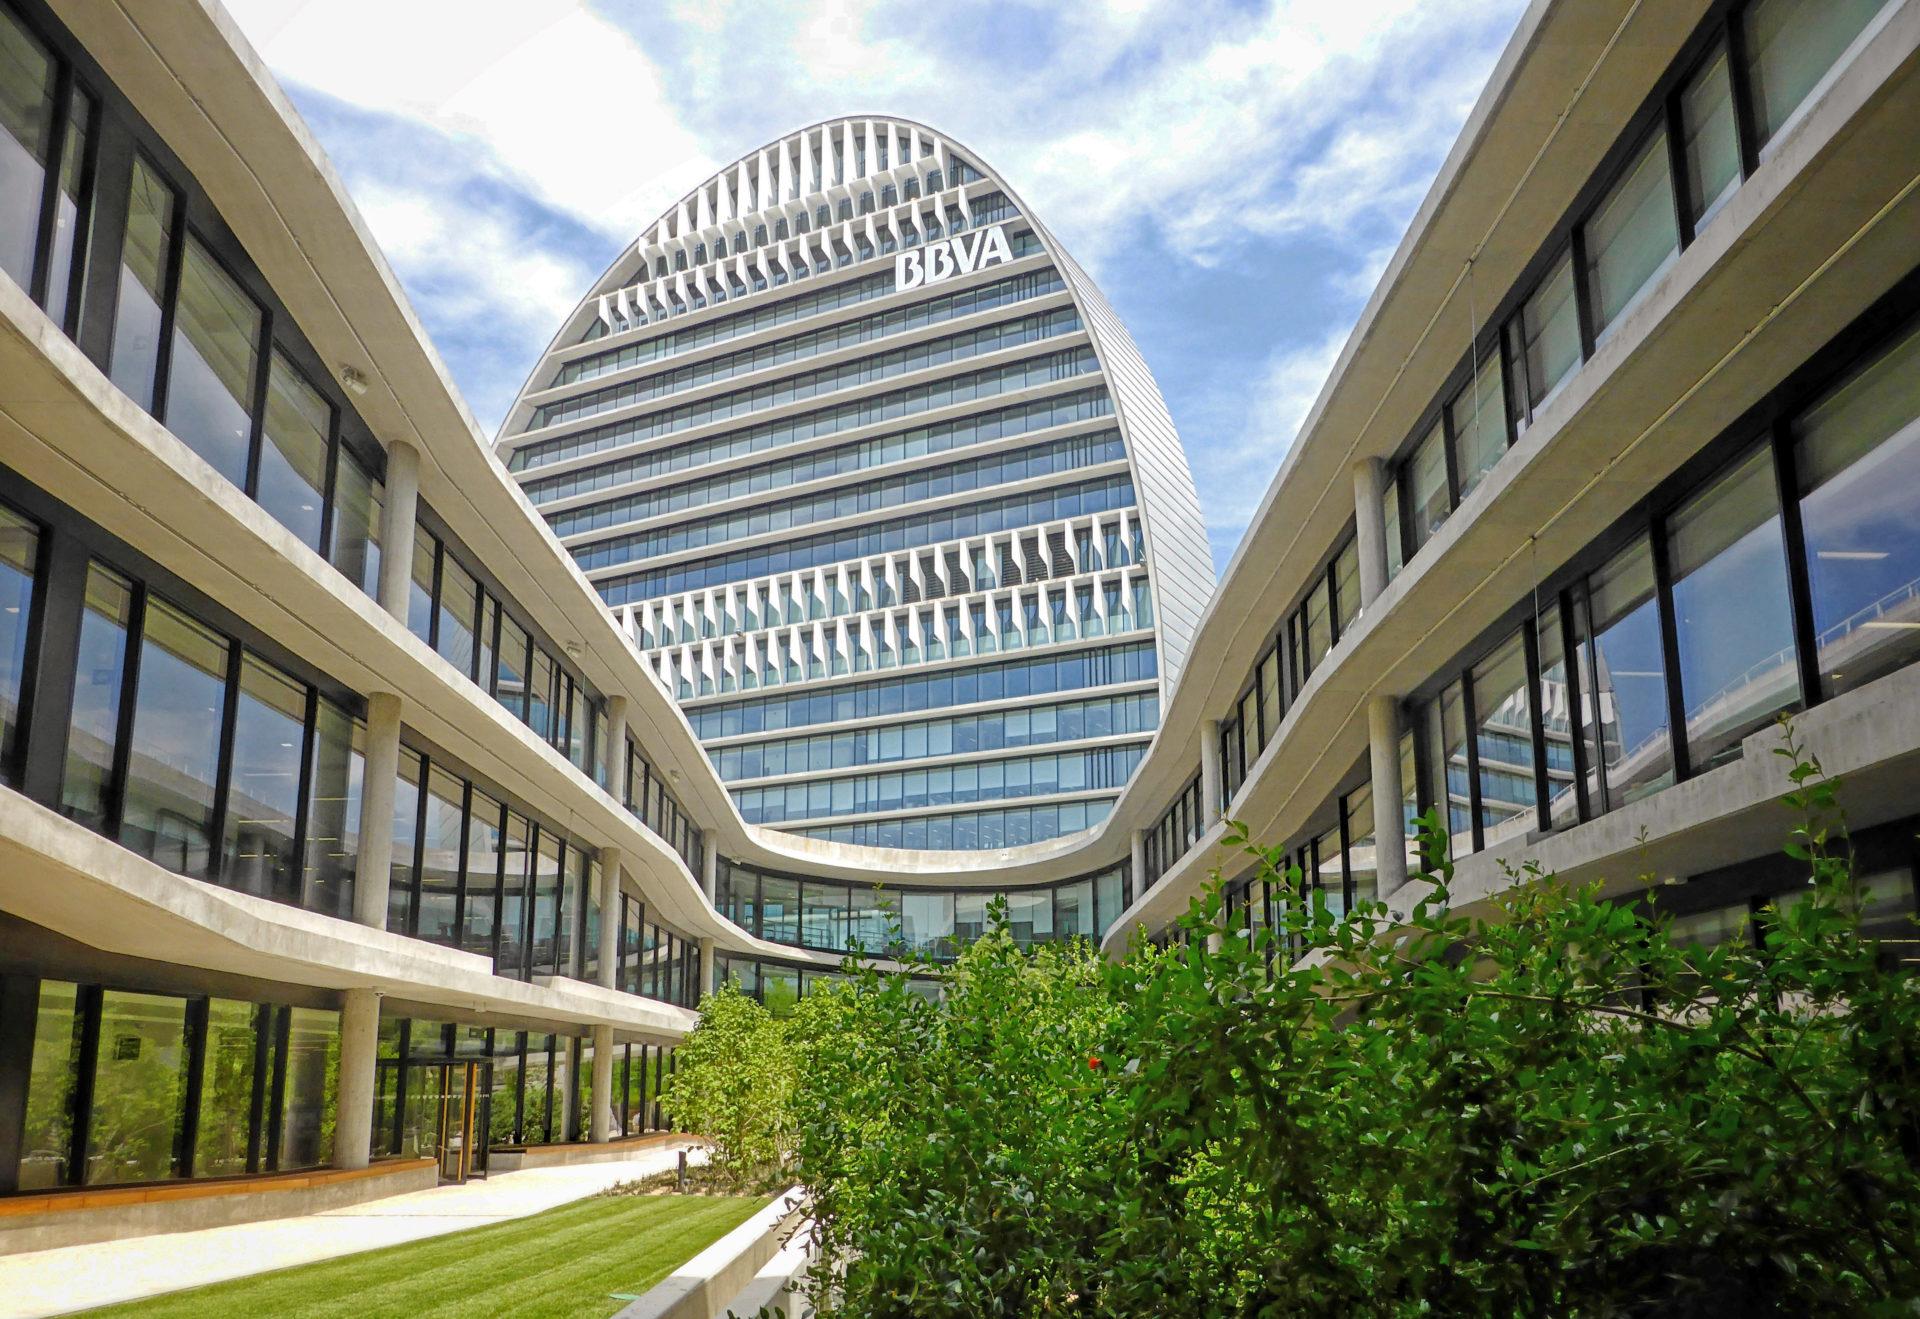 Imagen de una calle de la Ciudad BBVA, con el edificio de la Vela al fondo